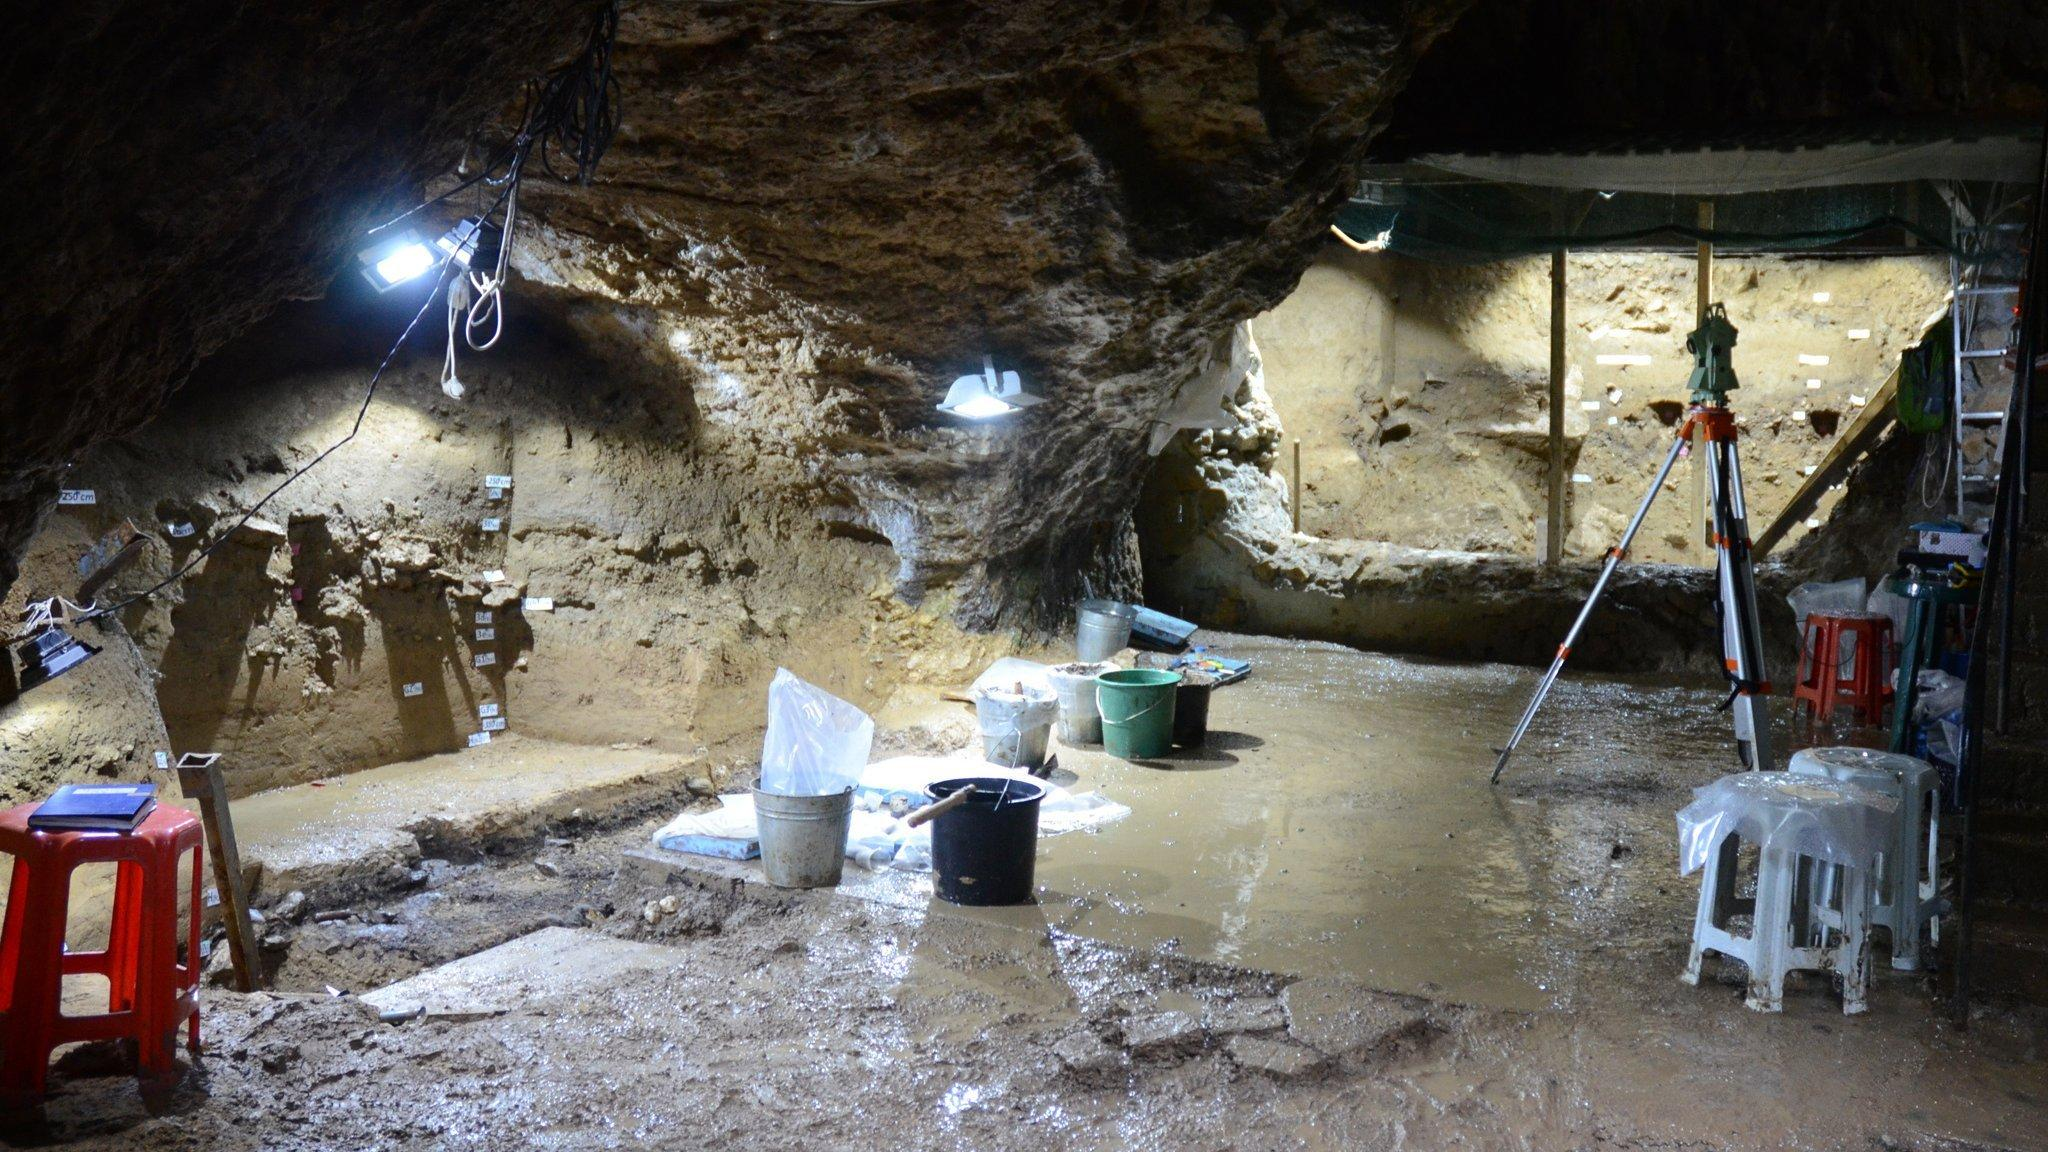 Das Foto zeigt die mit grellen, kaltweißen Leuchten angestrahlten Wölbungen und den feuchten Boden der Bacho-Kiro-Höhle in Bulgarien. In der Mitte stehen bunte Plastikeimer, die Grabungsutensilien der Forscher enthalten, und am Rande Plastikhocker. Die 45.000Jahre alten Hinterlassenschaften der ersten modernen Menschen in Europa ruhten hier im Boden verborgen.